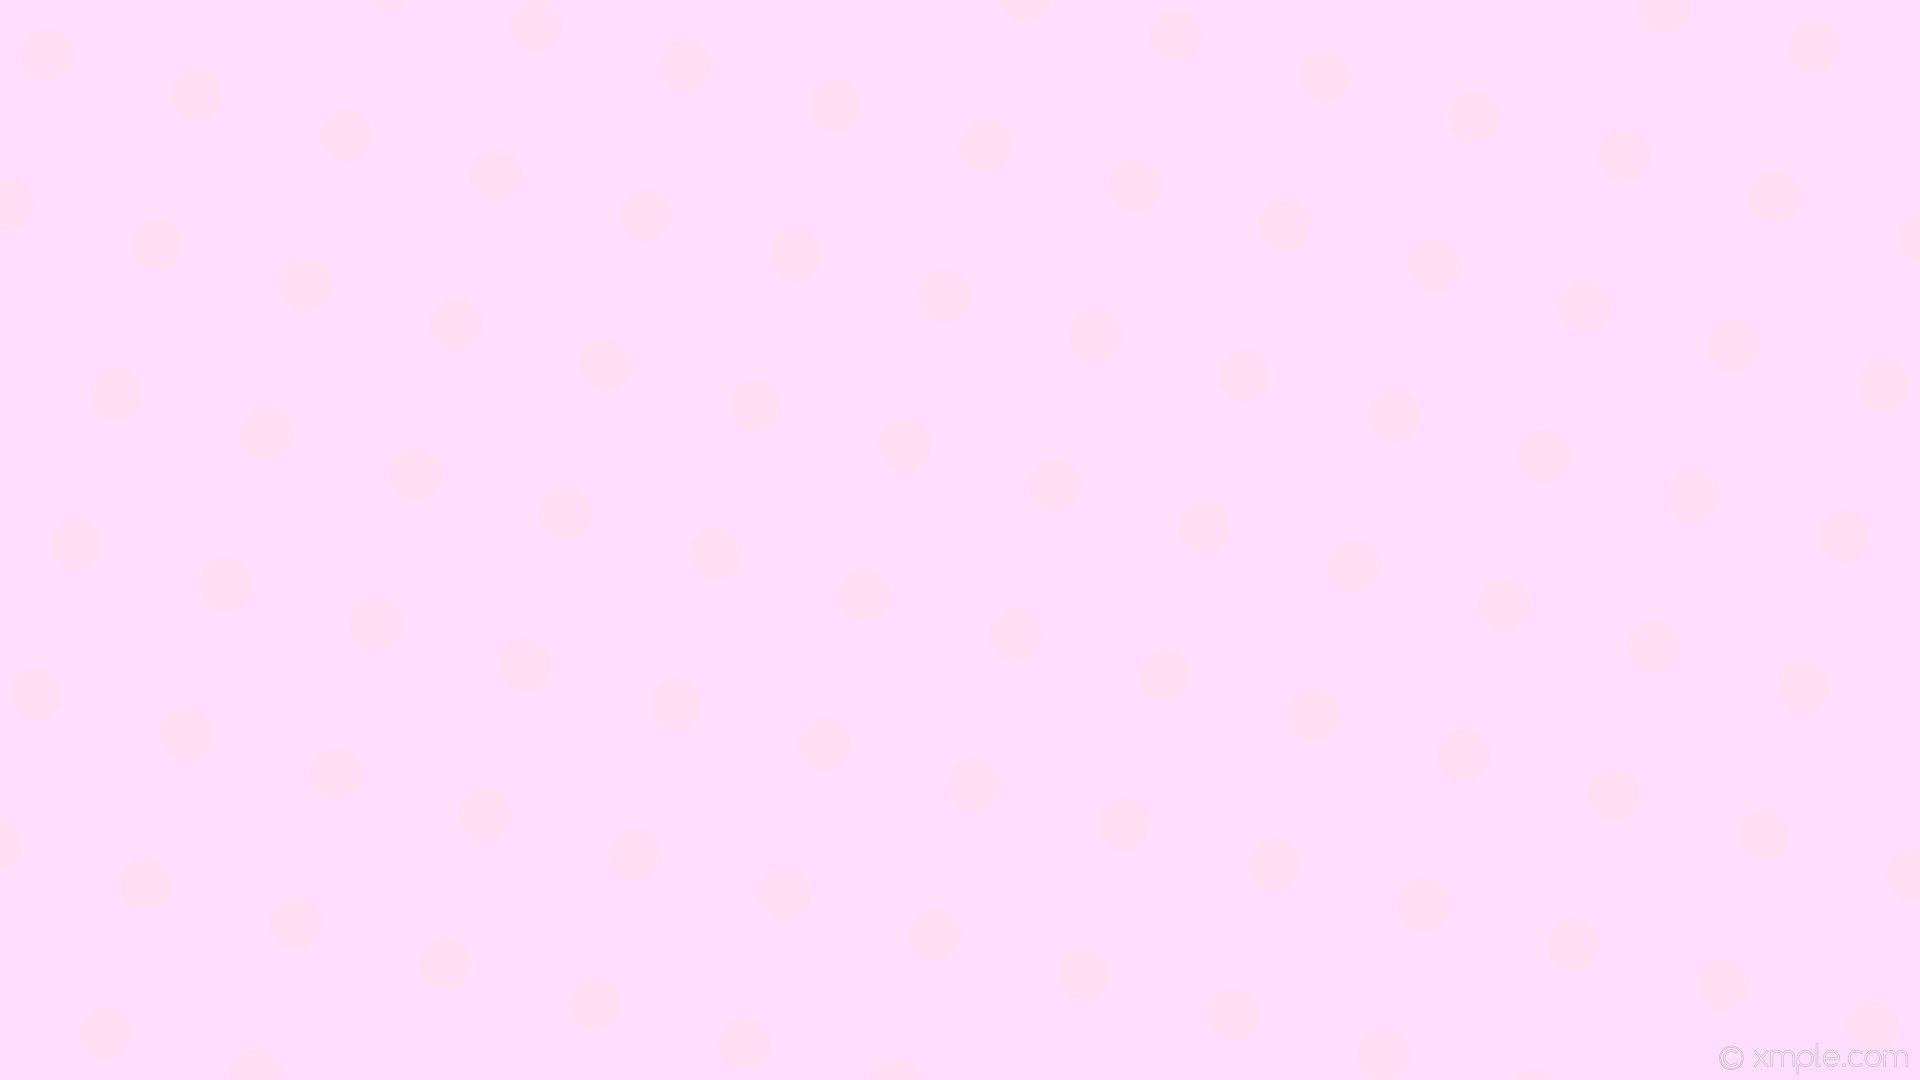 Pastel Pink Desktop Wallpapers On Wallpaperdog